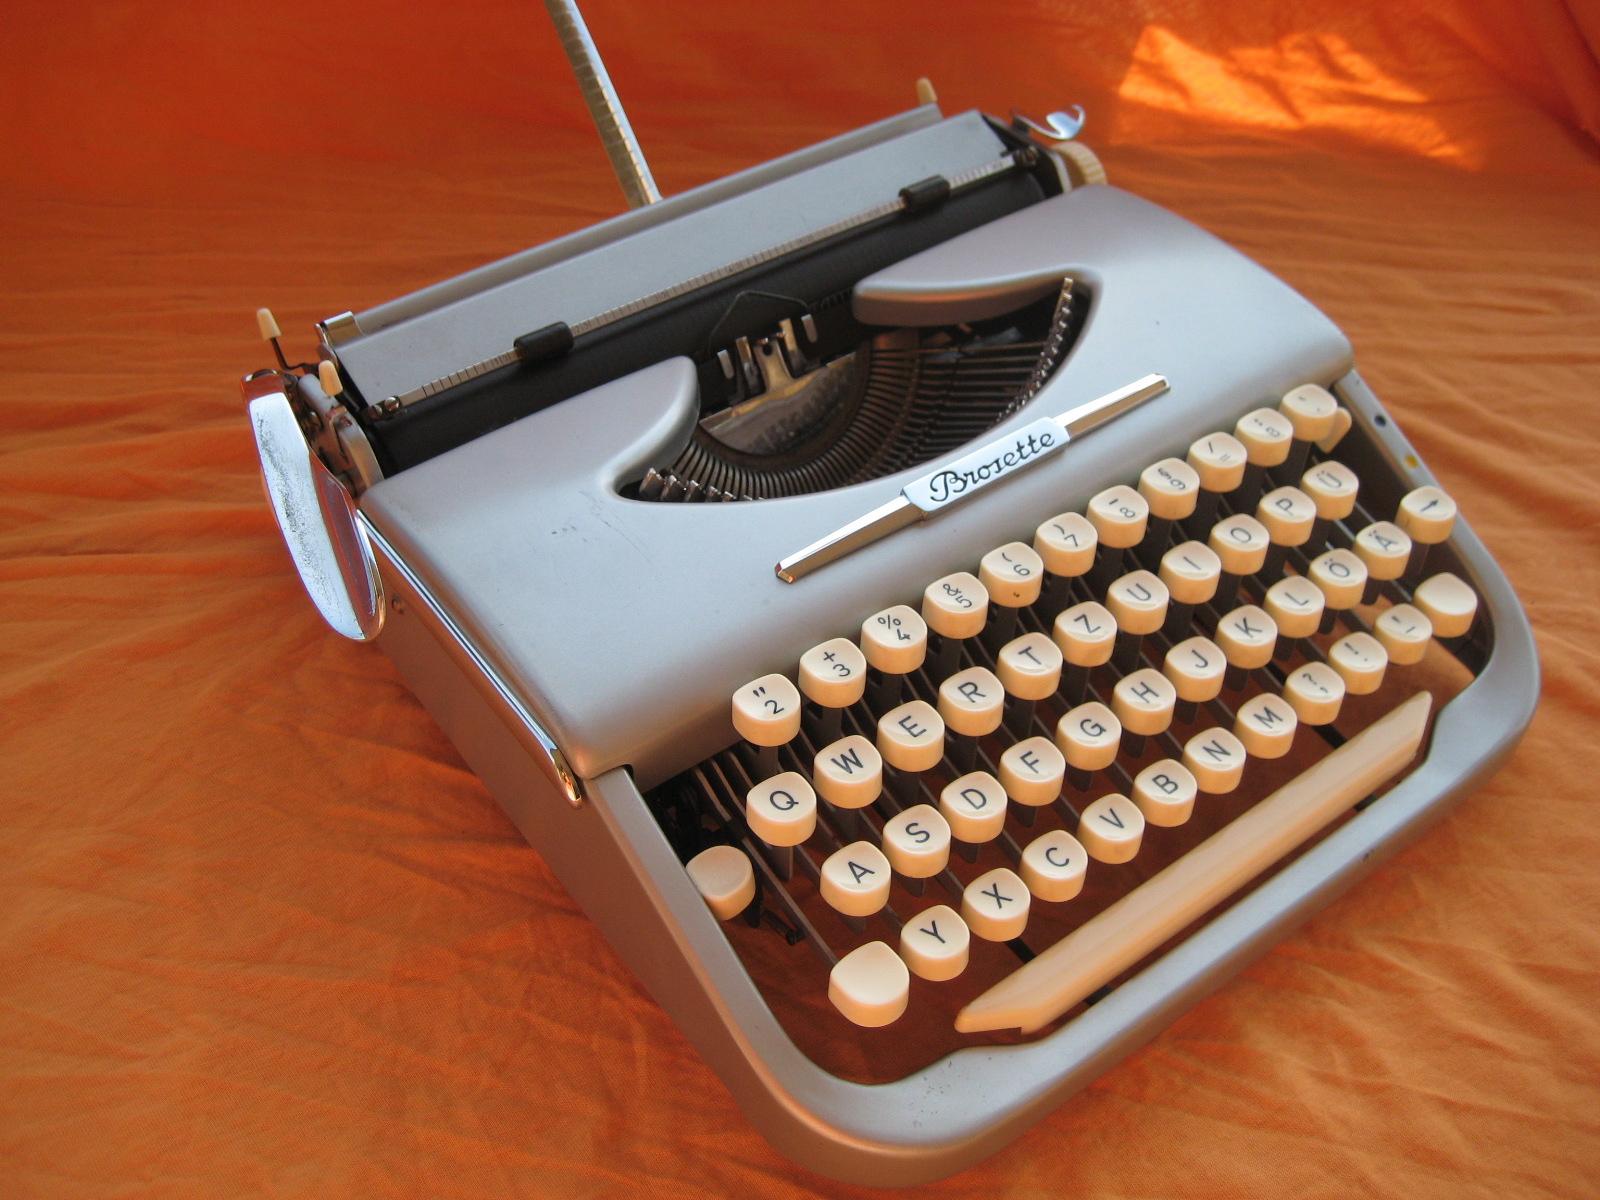 Manual Typewriter Diagram Paslode F350s Parts Retro Tech Geneva Ephemera Brosette